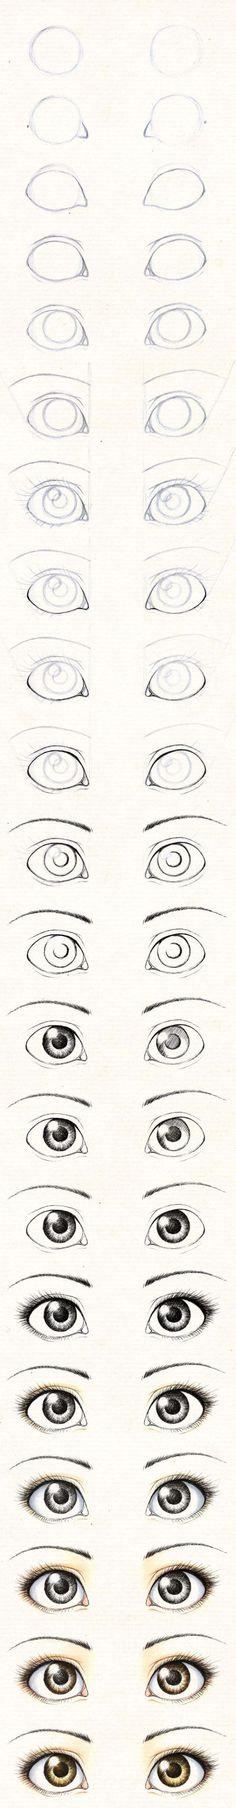 Guía para aprender a dibujar los ojos de las muñecas. | PatronesMil: